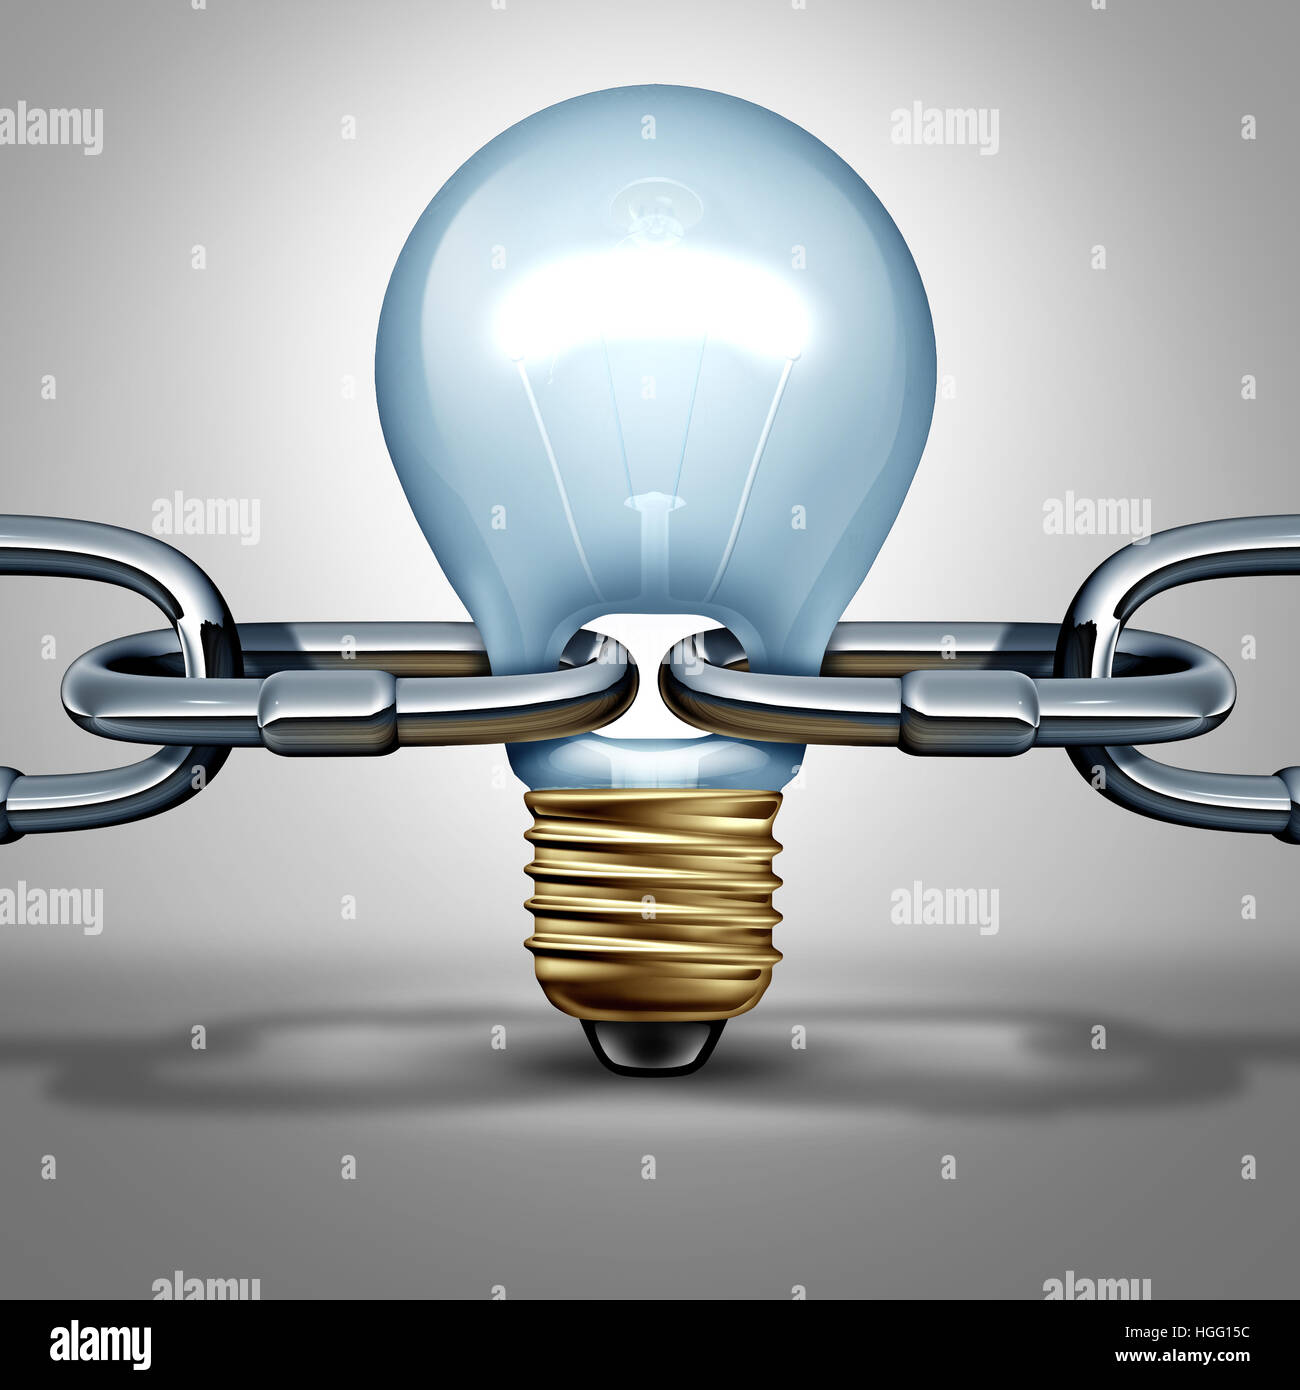 Idee-Chain-Konzept als Innovationskraft und erfinderische Intelligenz Verbindungssymbol oder zuverlässige denken Stockbild